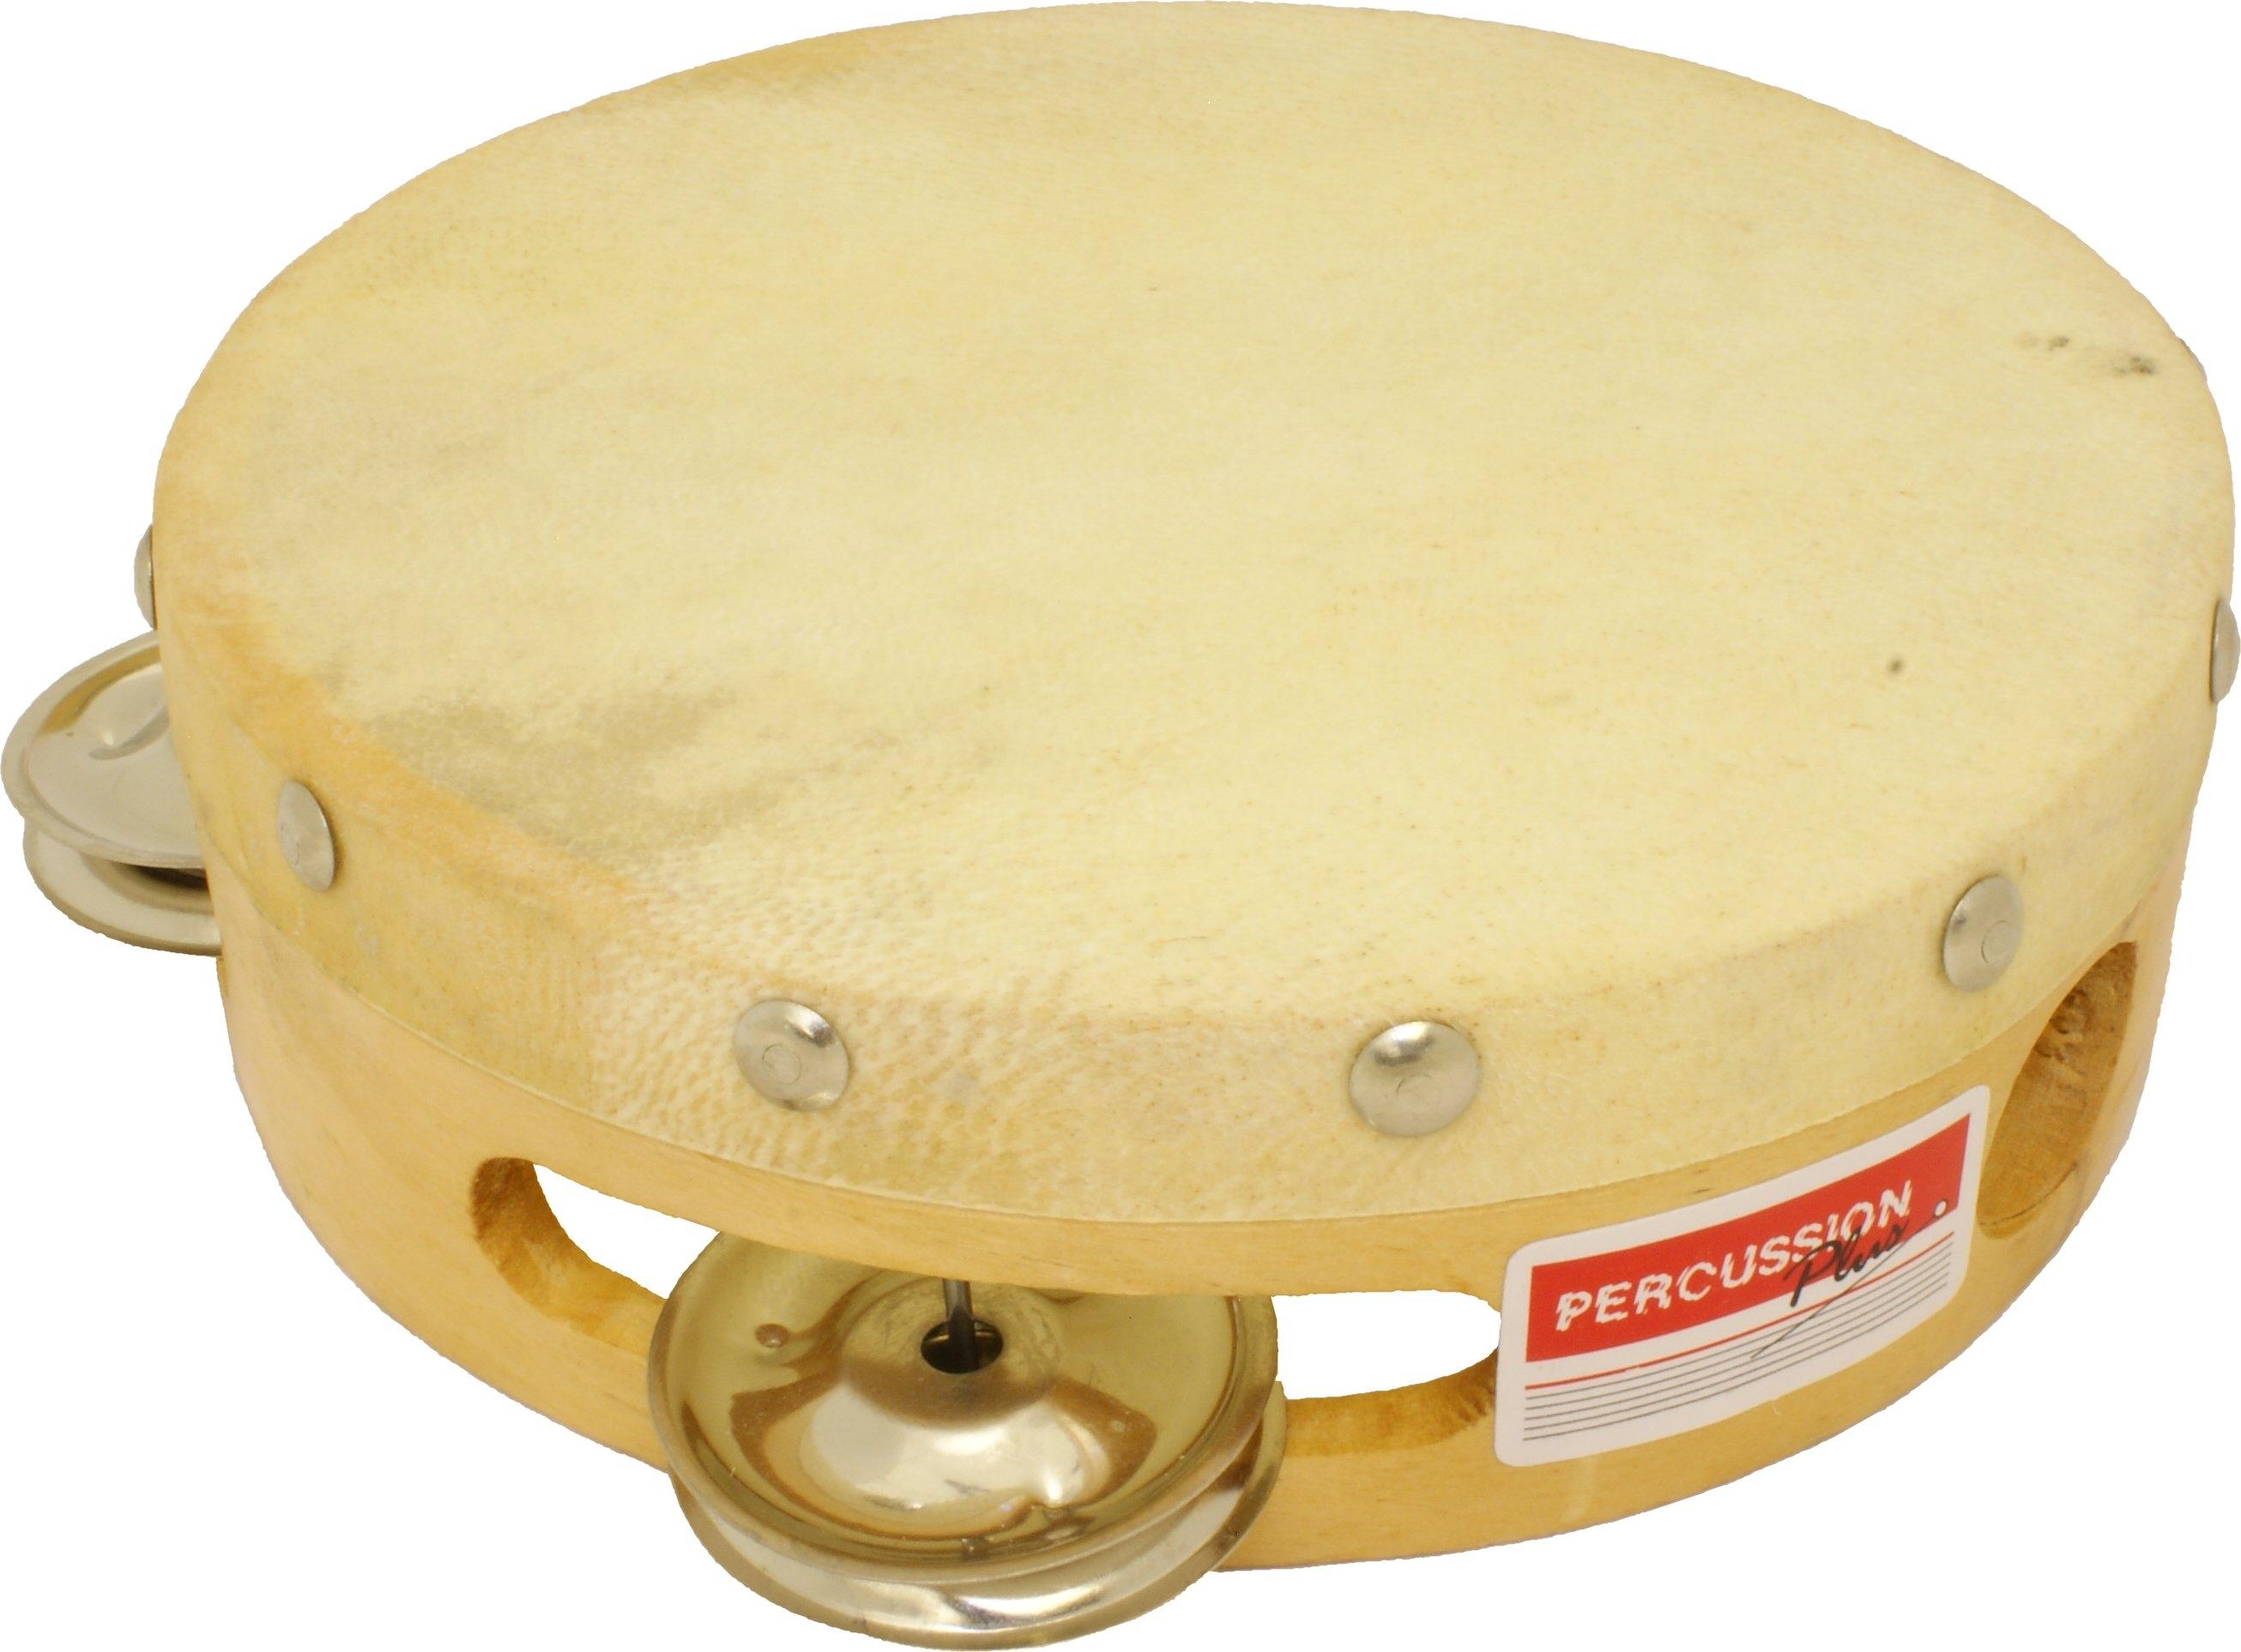 6 Inch Tambourine: Percussion